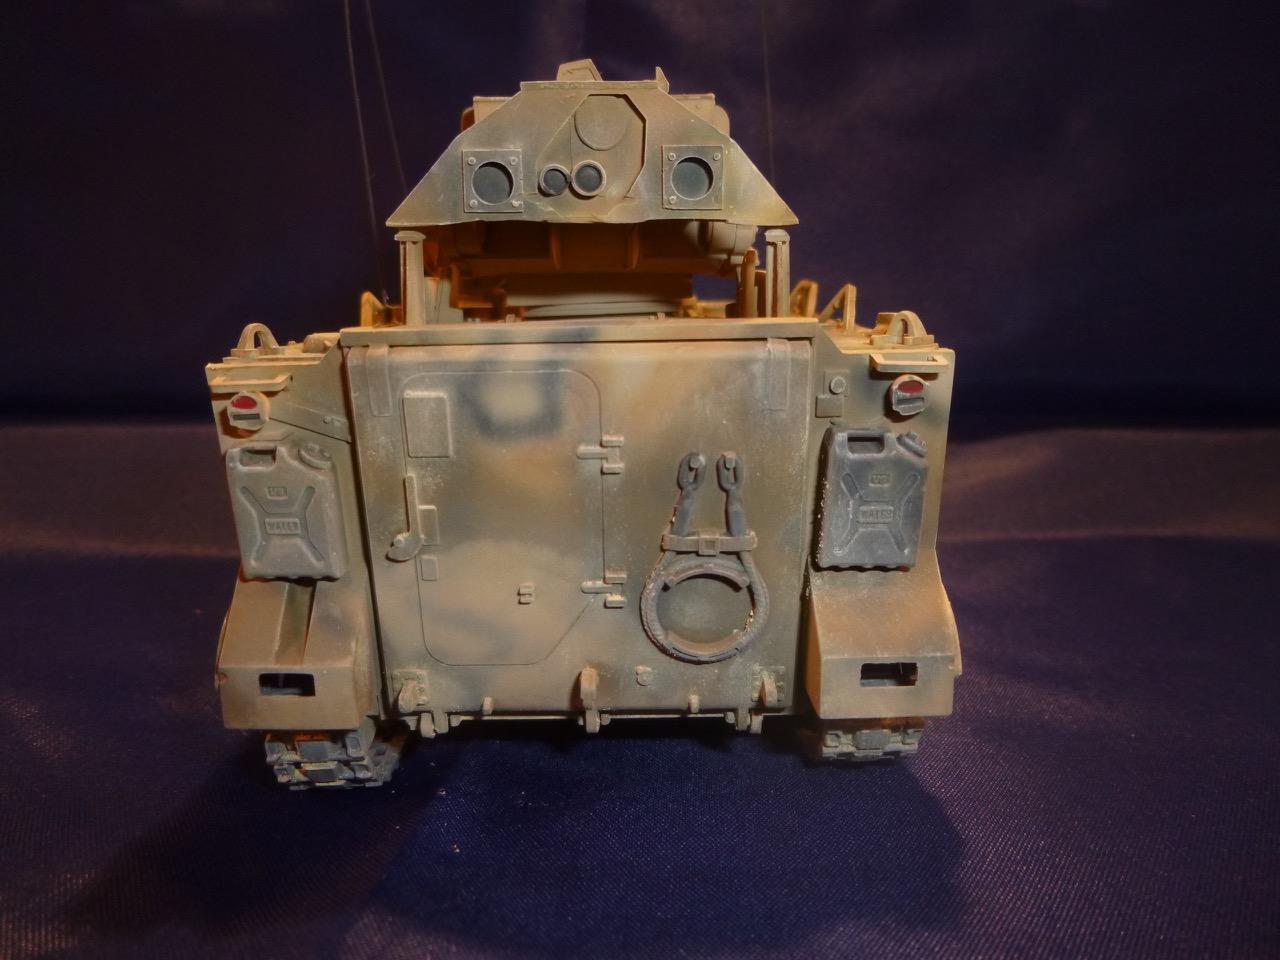 M113 / M109 Tow, une conversion en résine Verlinden au 1/35, base Tamiya 170125105003175717